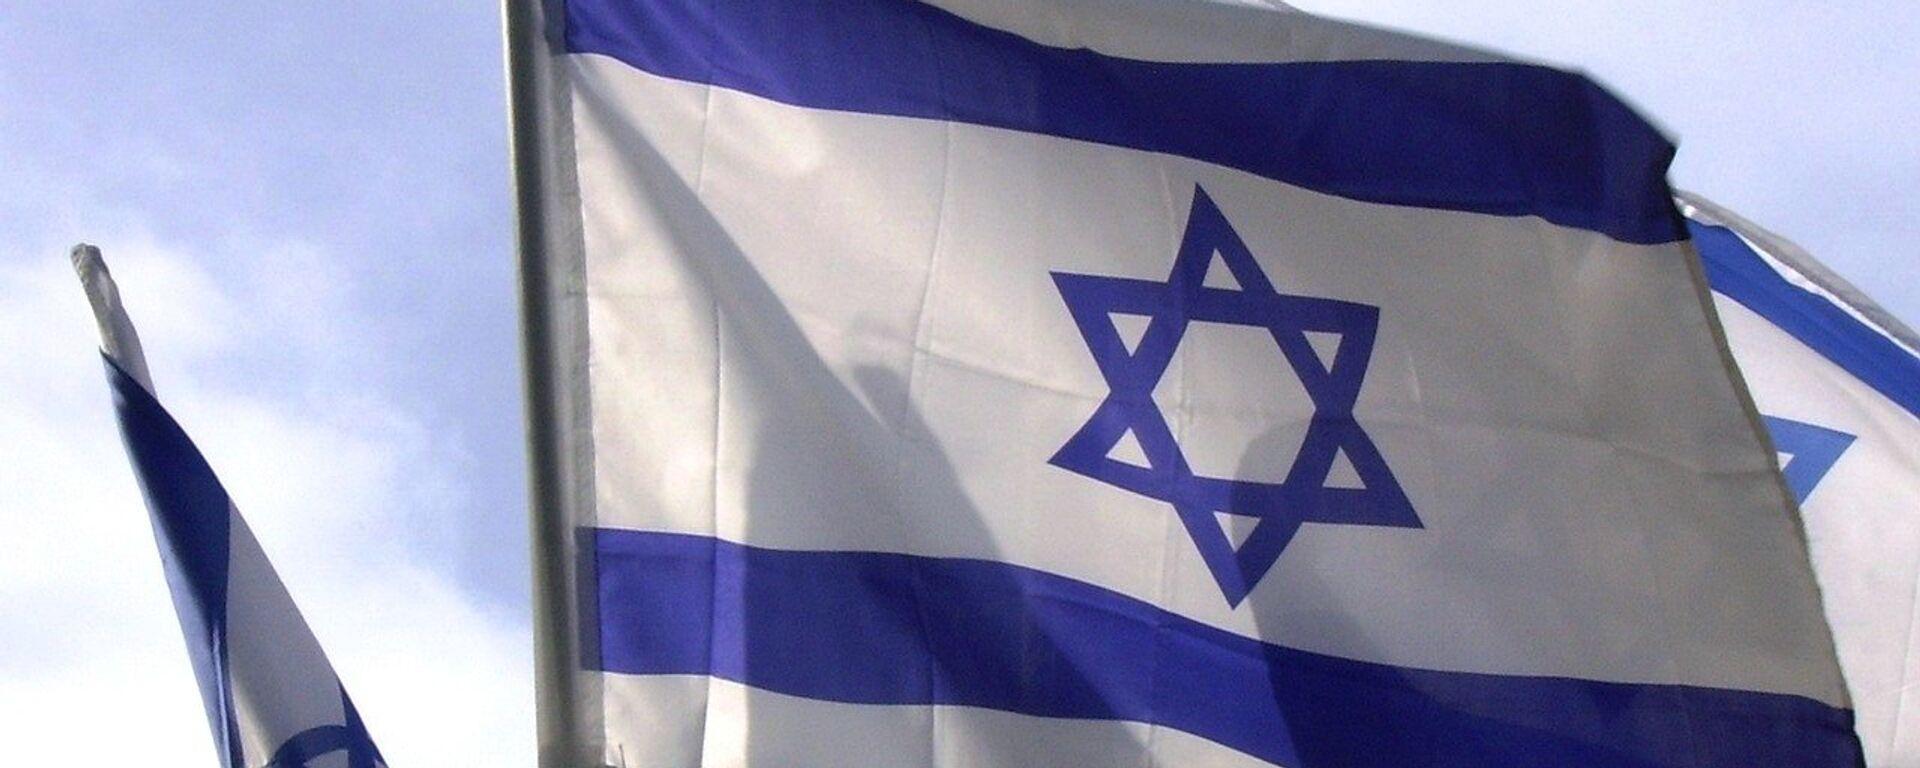 Bandiera Israele - Sputnik Italia, 1920, 07.03.2019